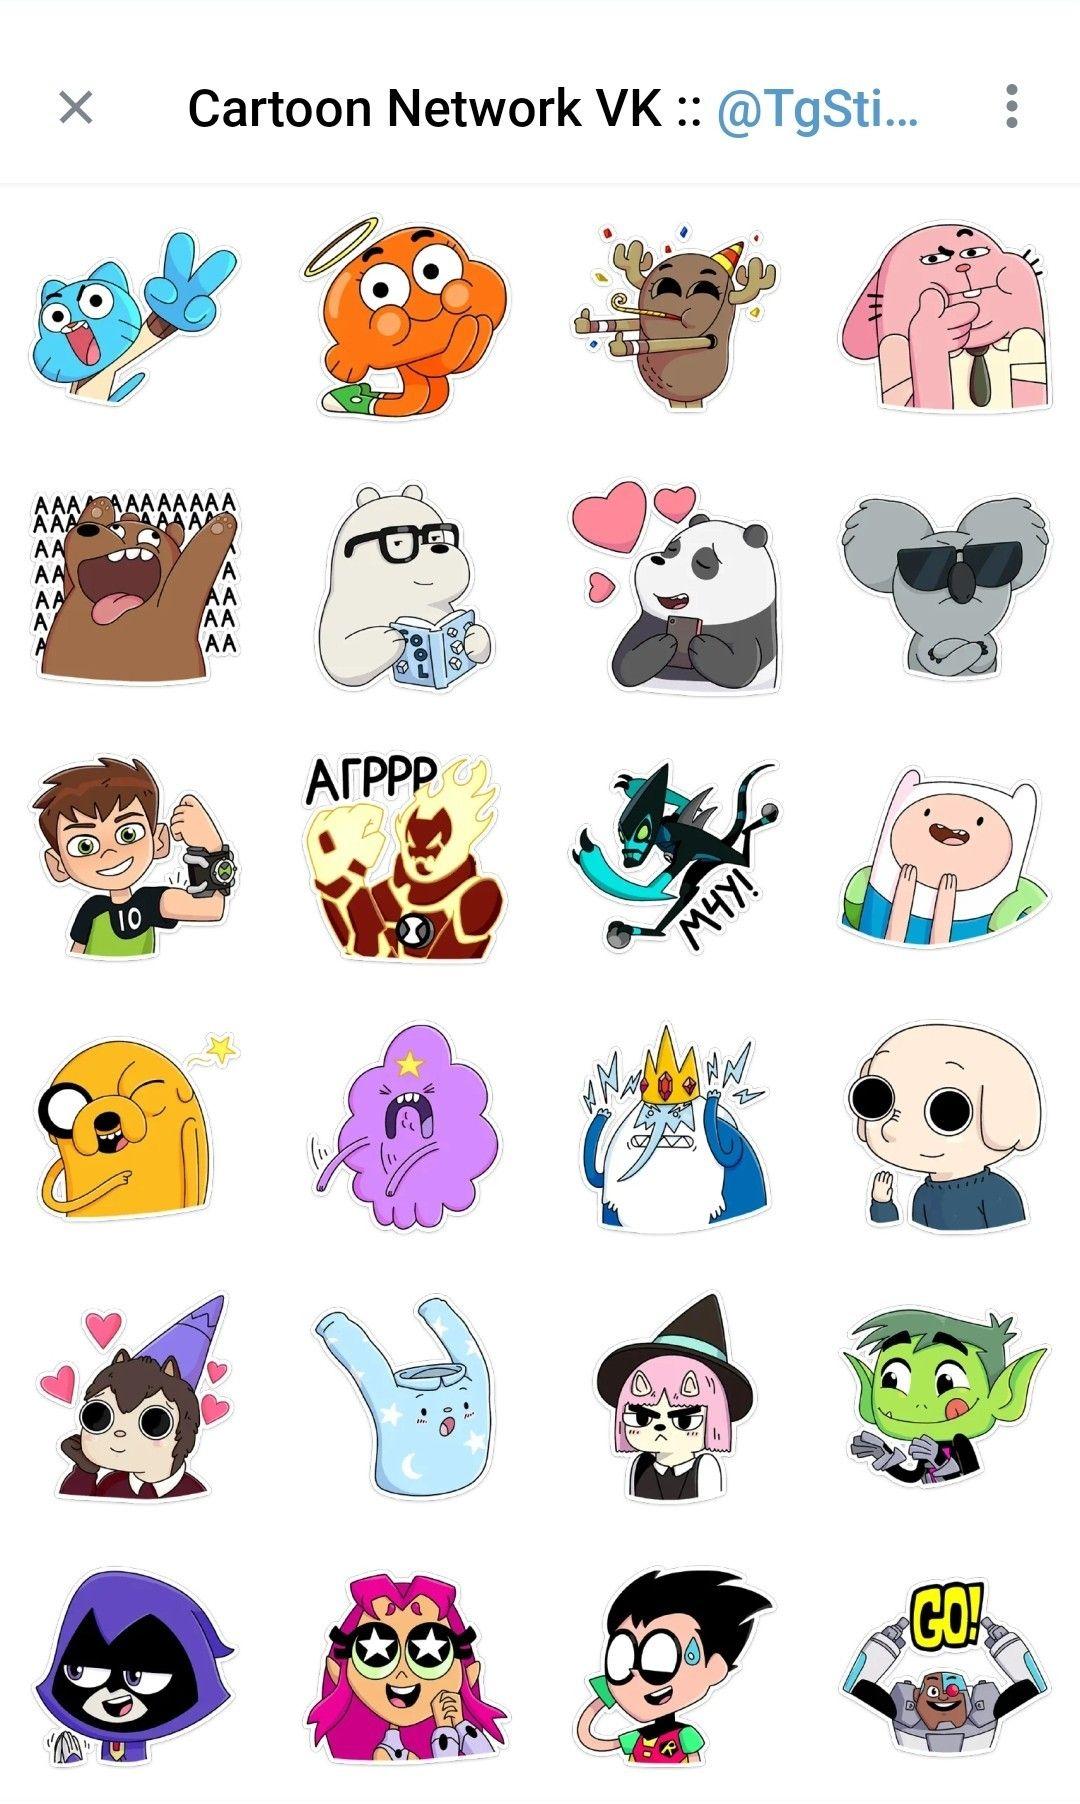 Cartoon network vk telegram sticker pack cute laptop